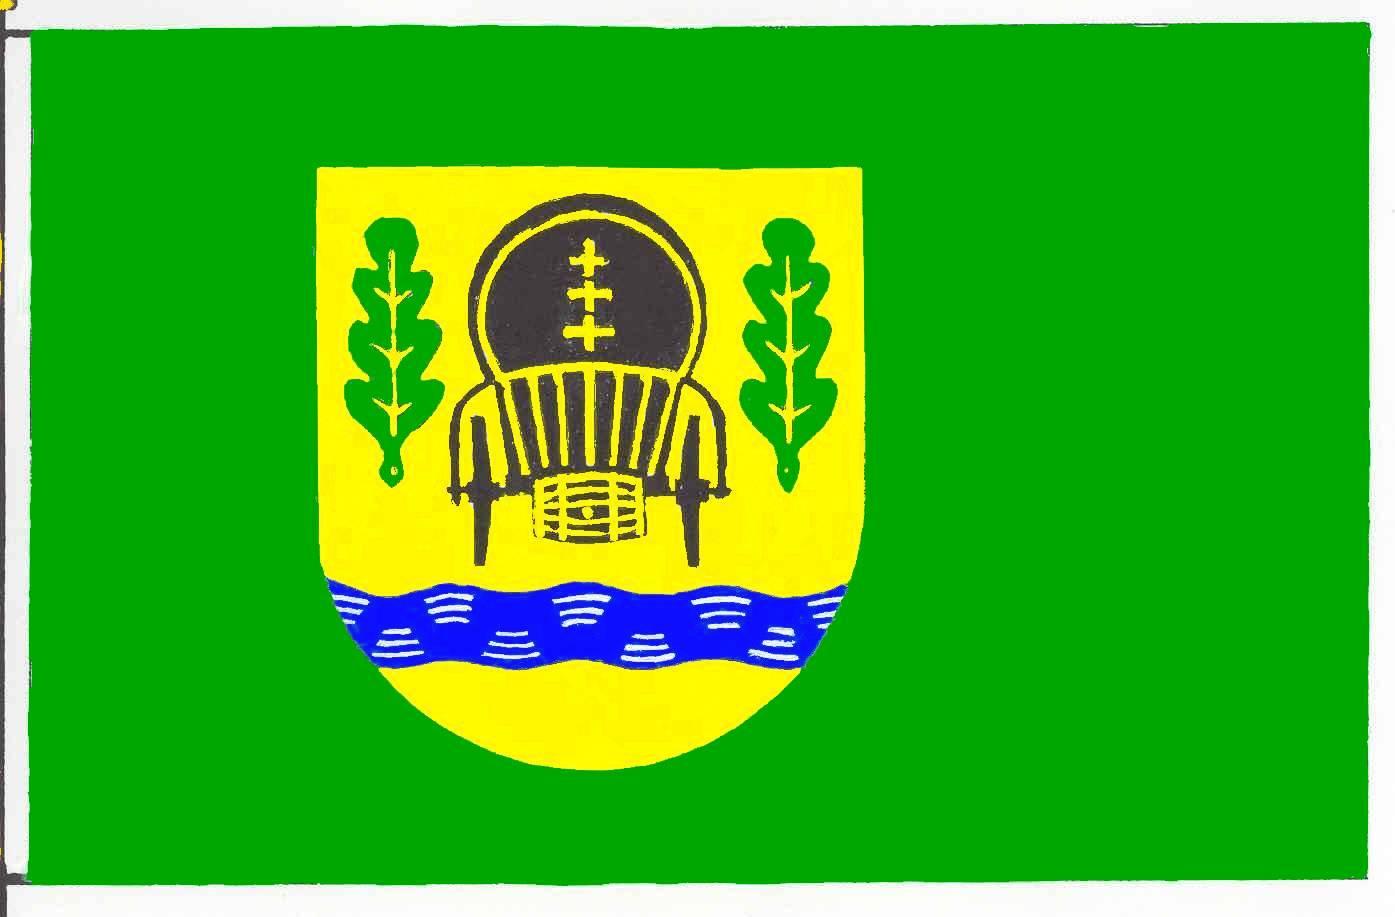 Flagge GemeindeWitzeeze, Kreis Herzogtum Lauenburg